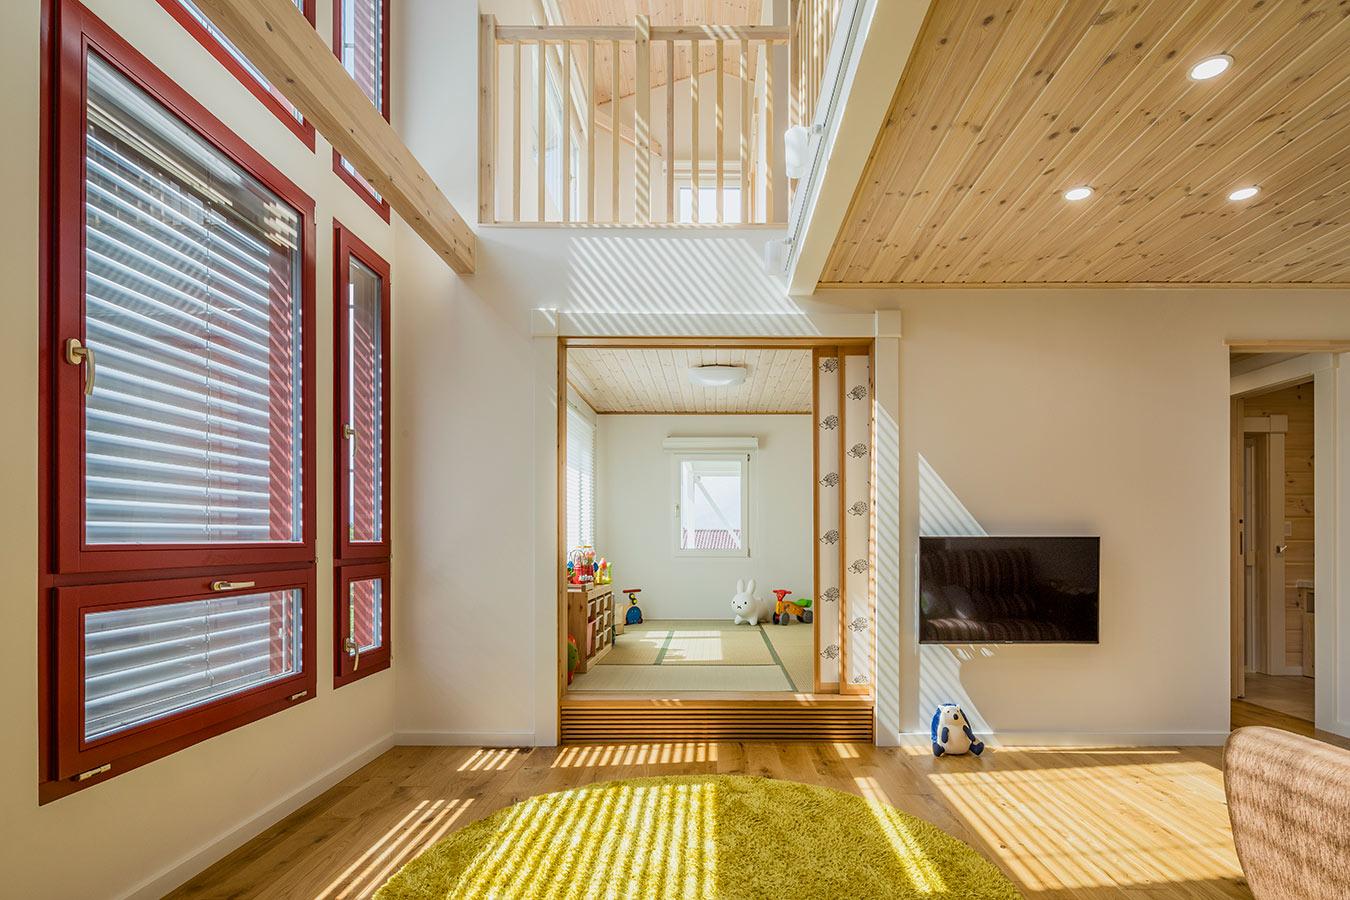 リビング横に設置した畳のフリースペース。子供の遊びスペースや来客時の寝室にも使用できる広々とした空間です。